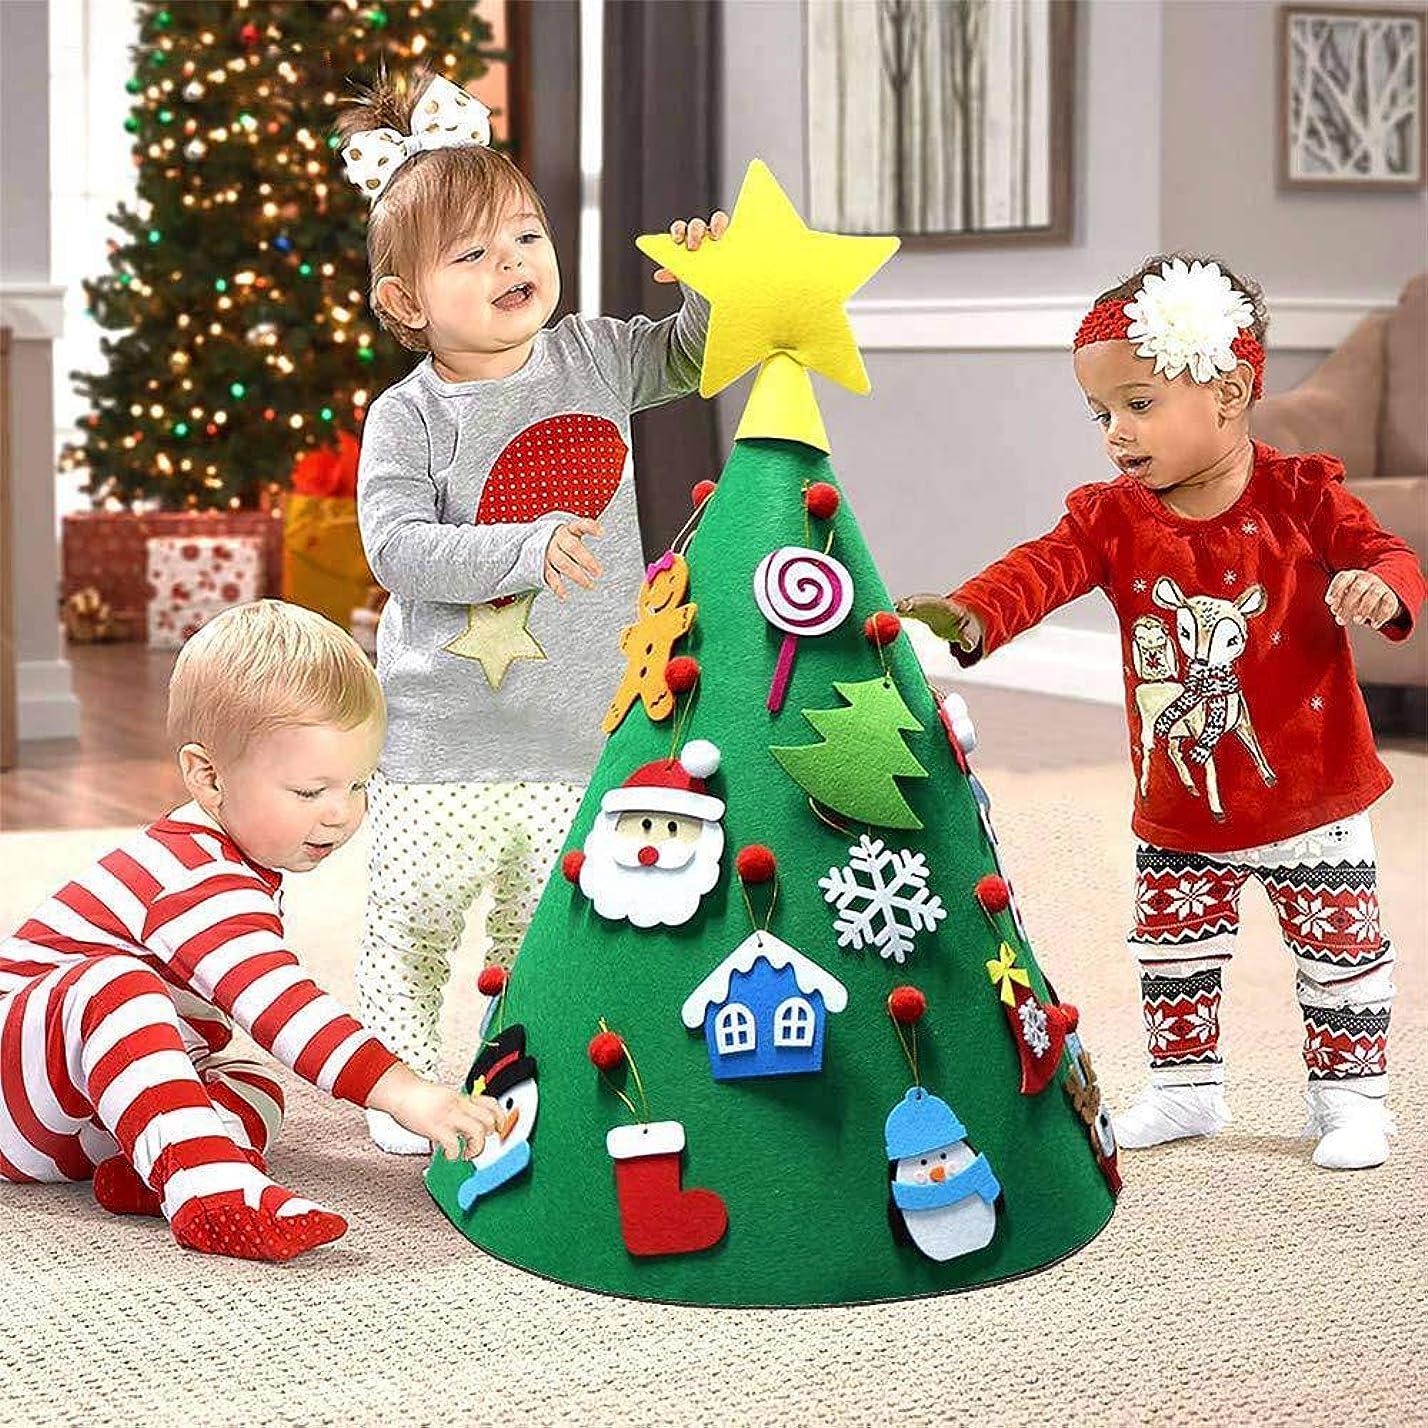 ビジネスお放棄されたGODTOON ミニクリスマスツリー 立体 DIY 子供 おもちゃ 景品 フェルト クリスマスツリー クリスマス 飾り 壁掛け 手作り 18個セット 取り外し 可能 デコレーション 50cmx70cm (A)